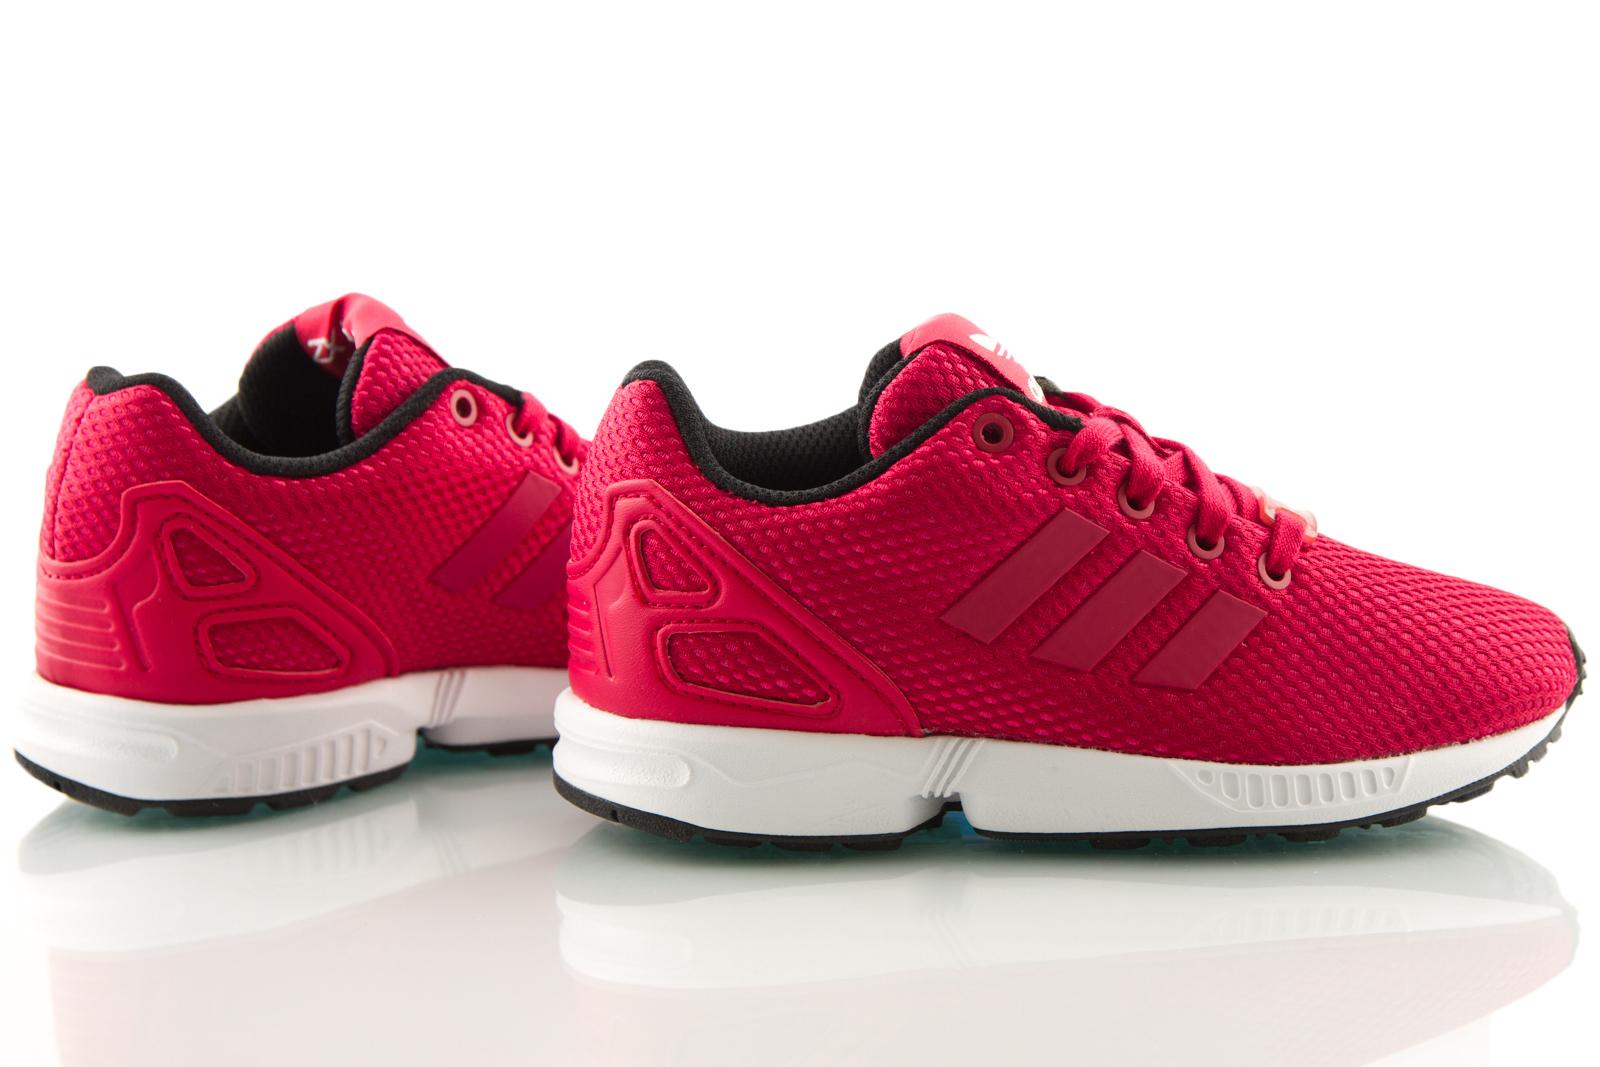 ADIDAS ZX FLUX buty dzieciece sportowe 50% r 29